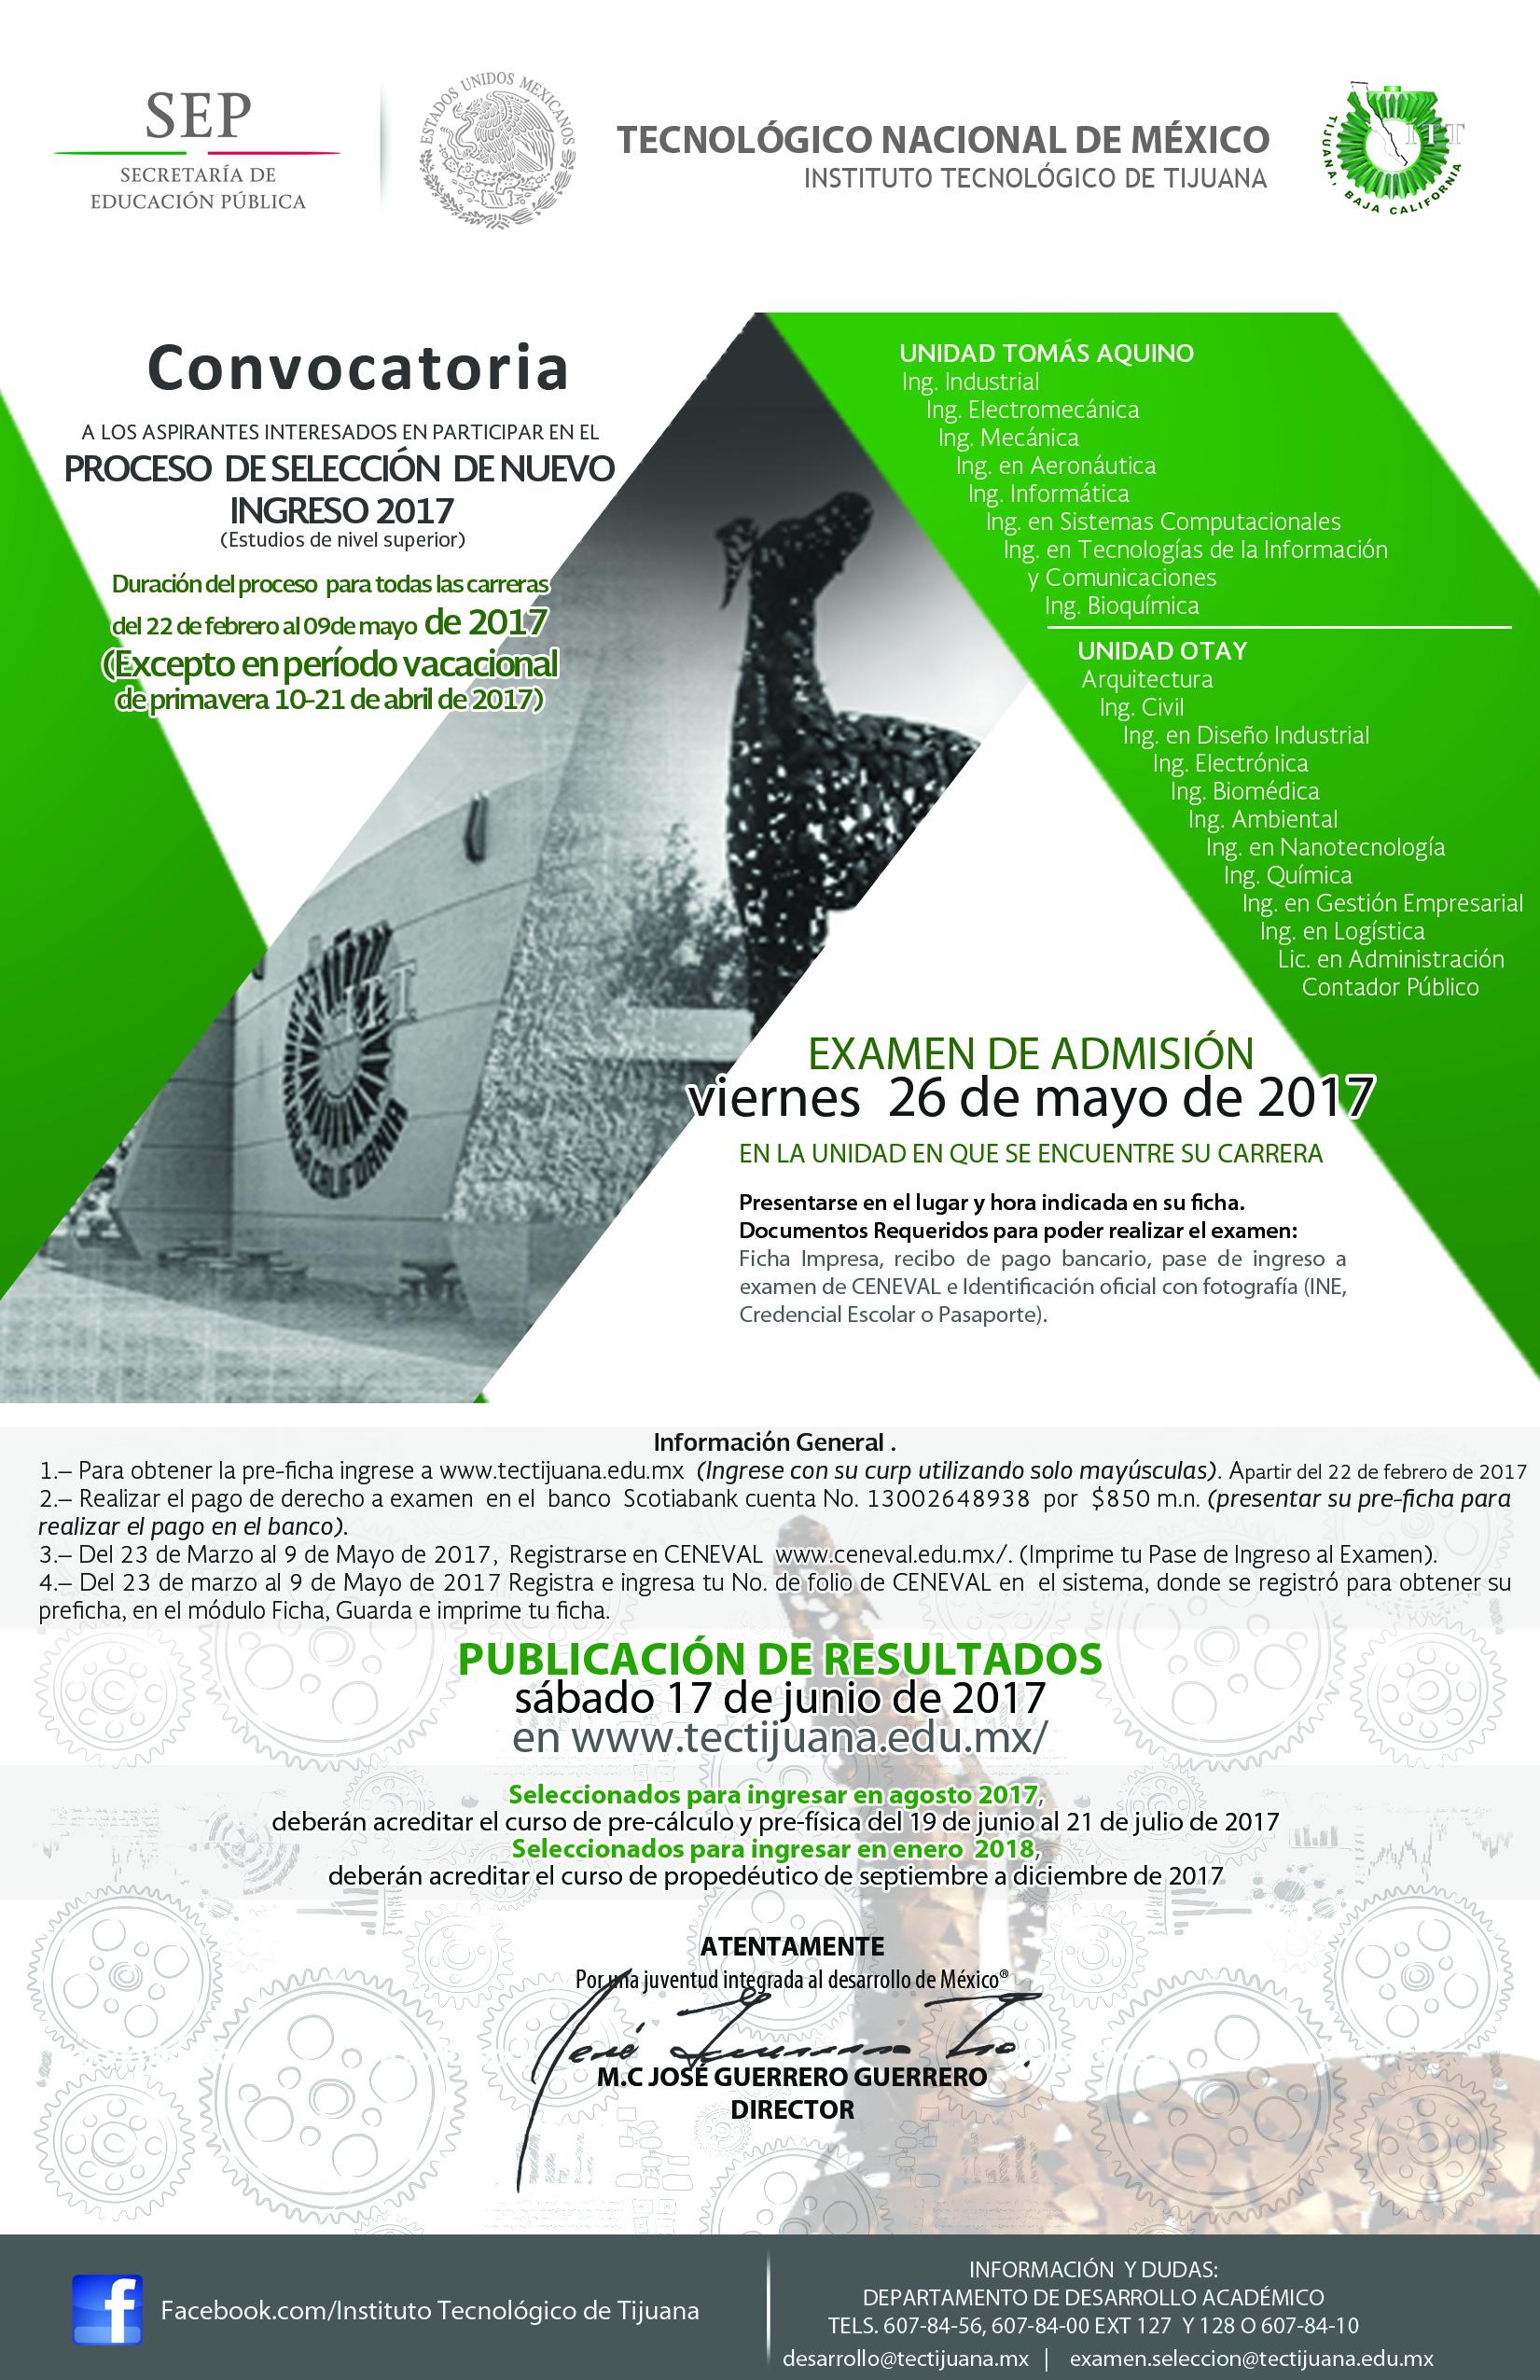 Instituto tecnol gico de tijuana convocatoria a proceso for Convocatoria de docentes 2017